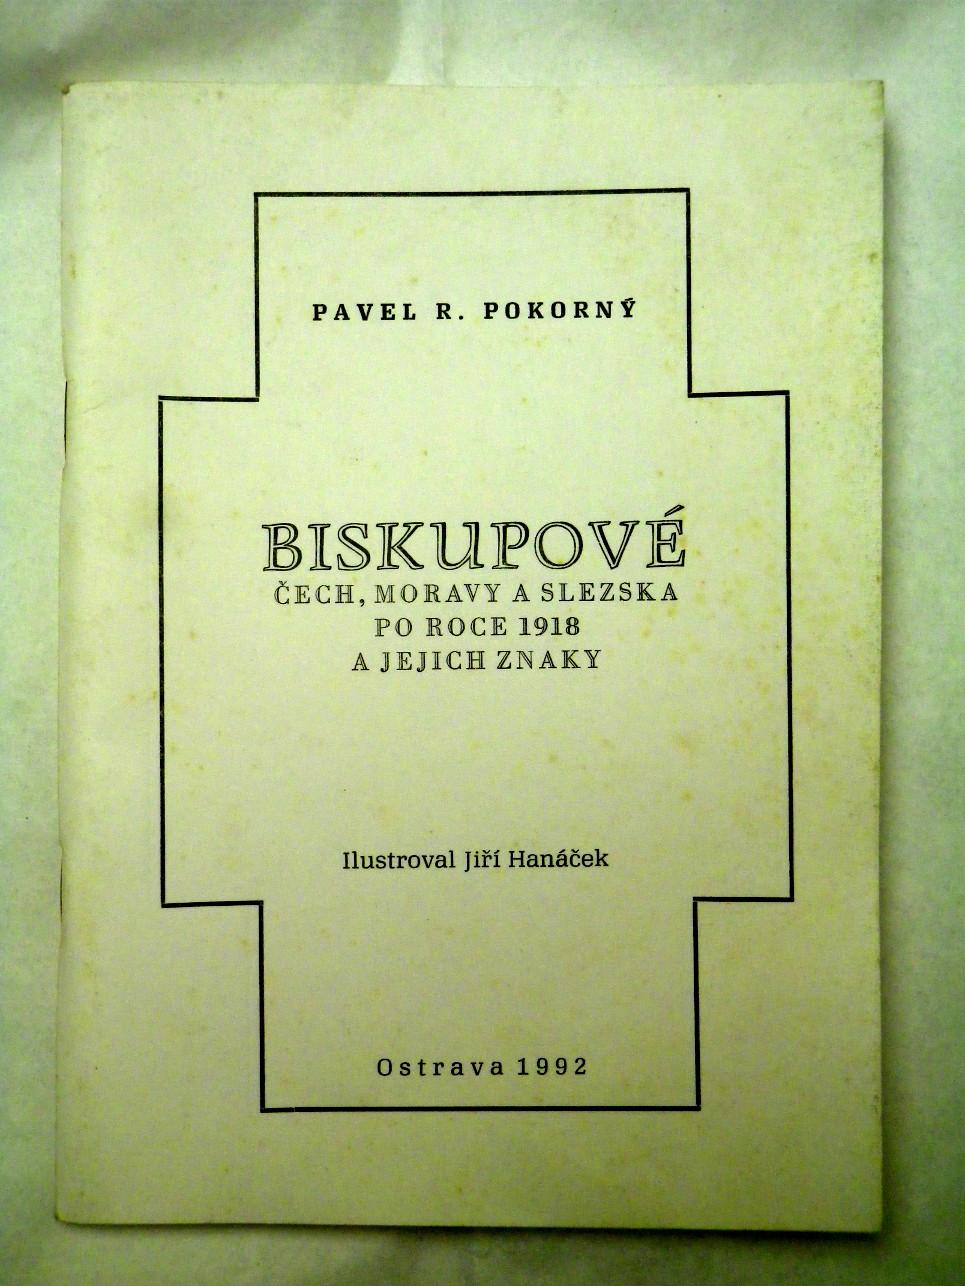 Pokorný BISKUPOVÉ ČECH MORAVY A SLEZSKA PO ROCE 1918 A JEJICH ZNAKY